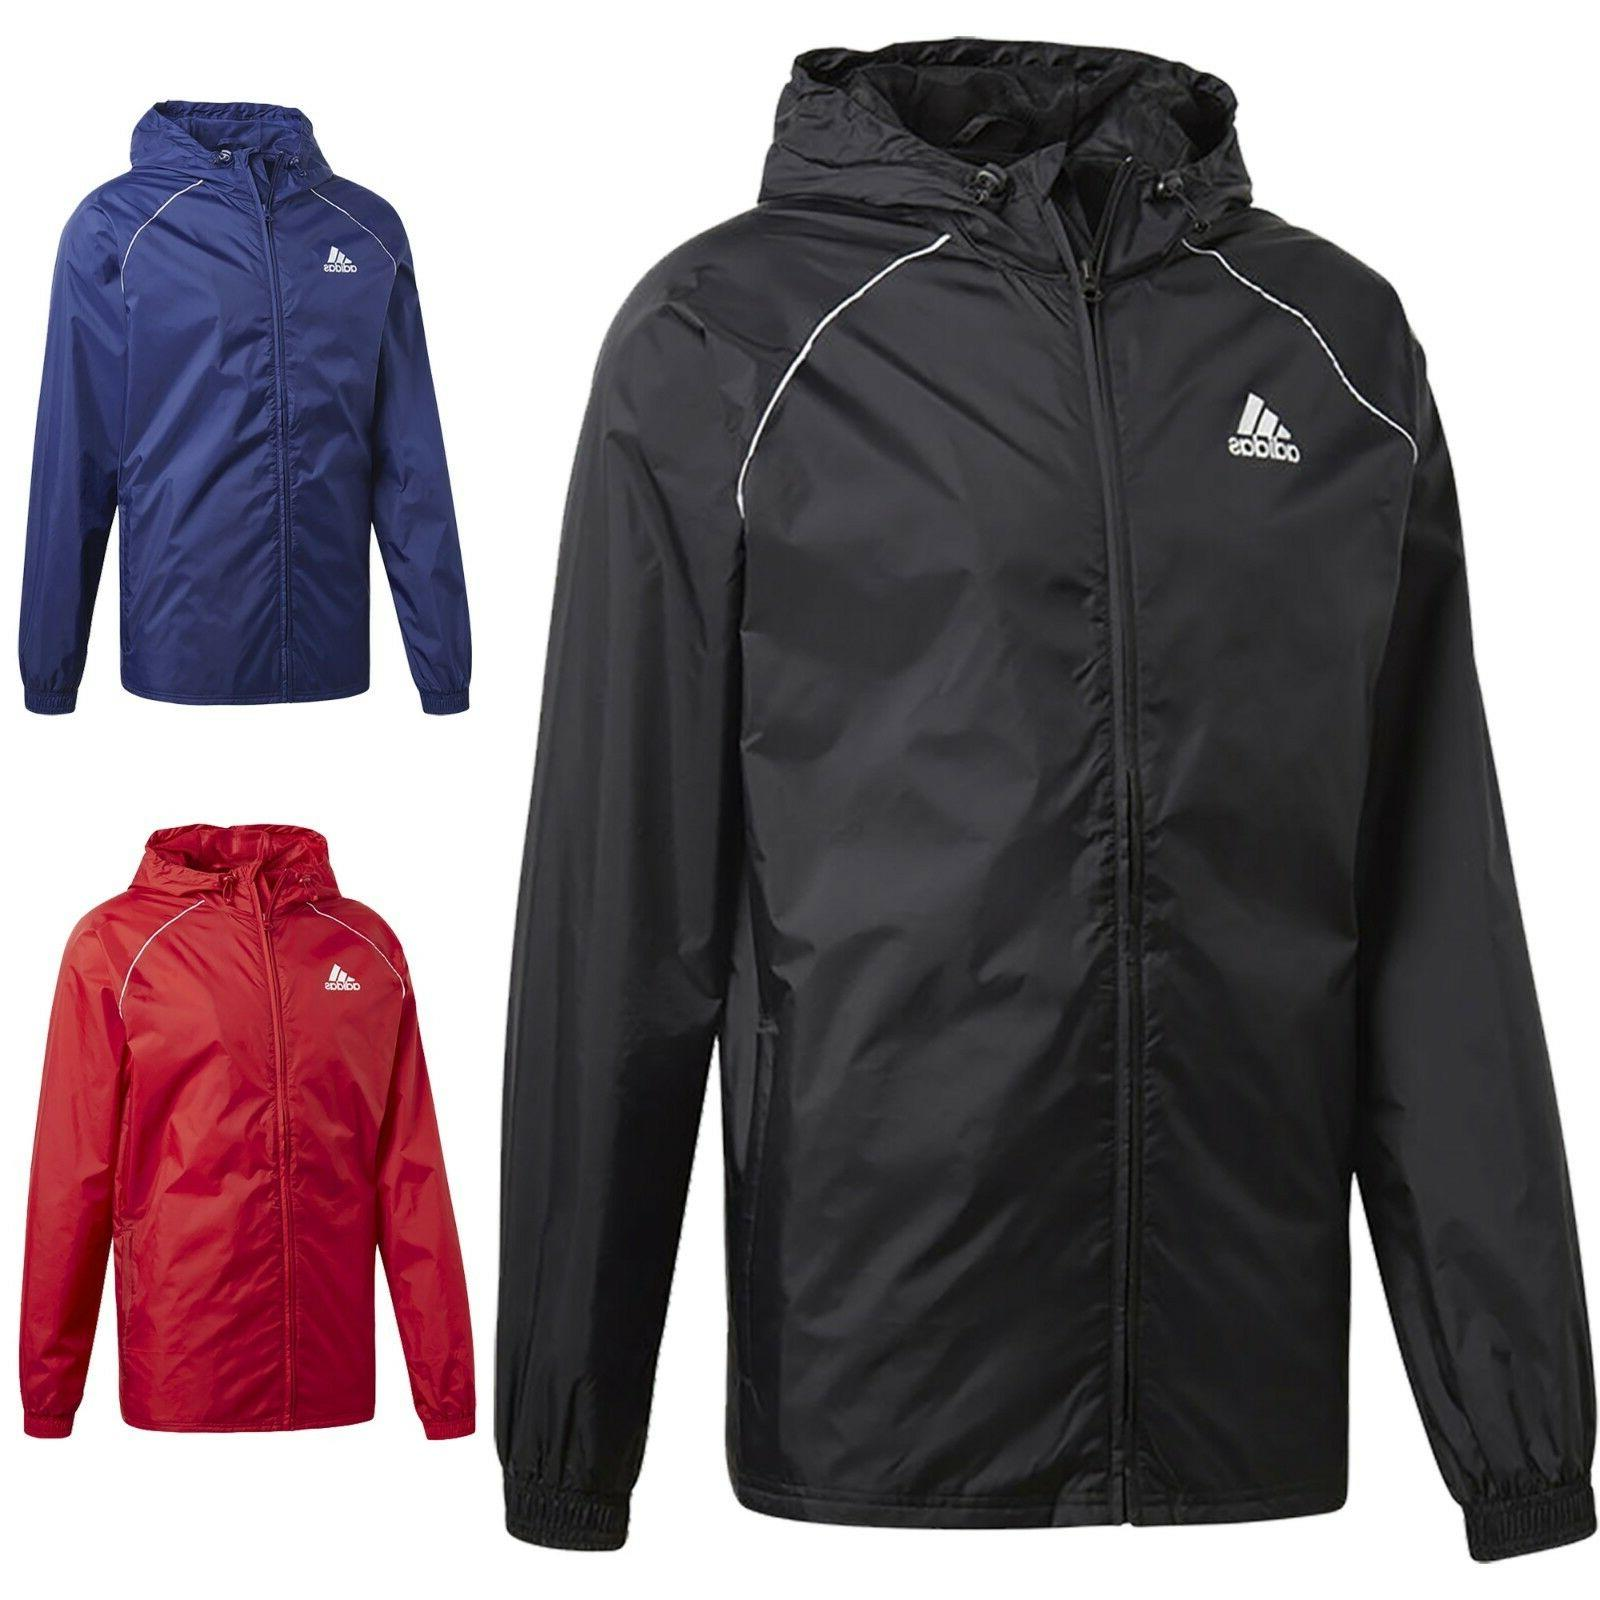 Adidas Jacket Waterproof Hooded Wind